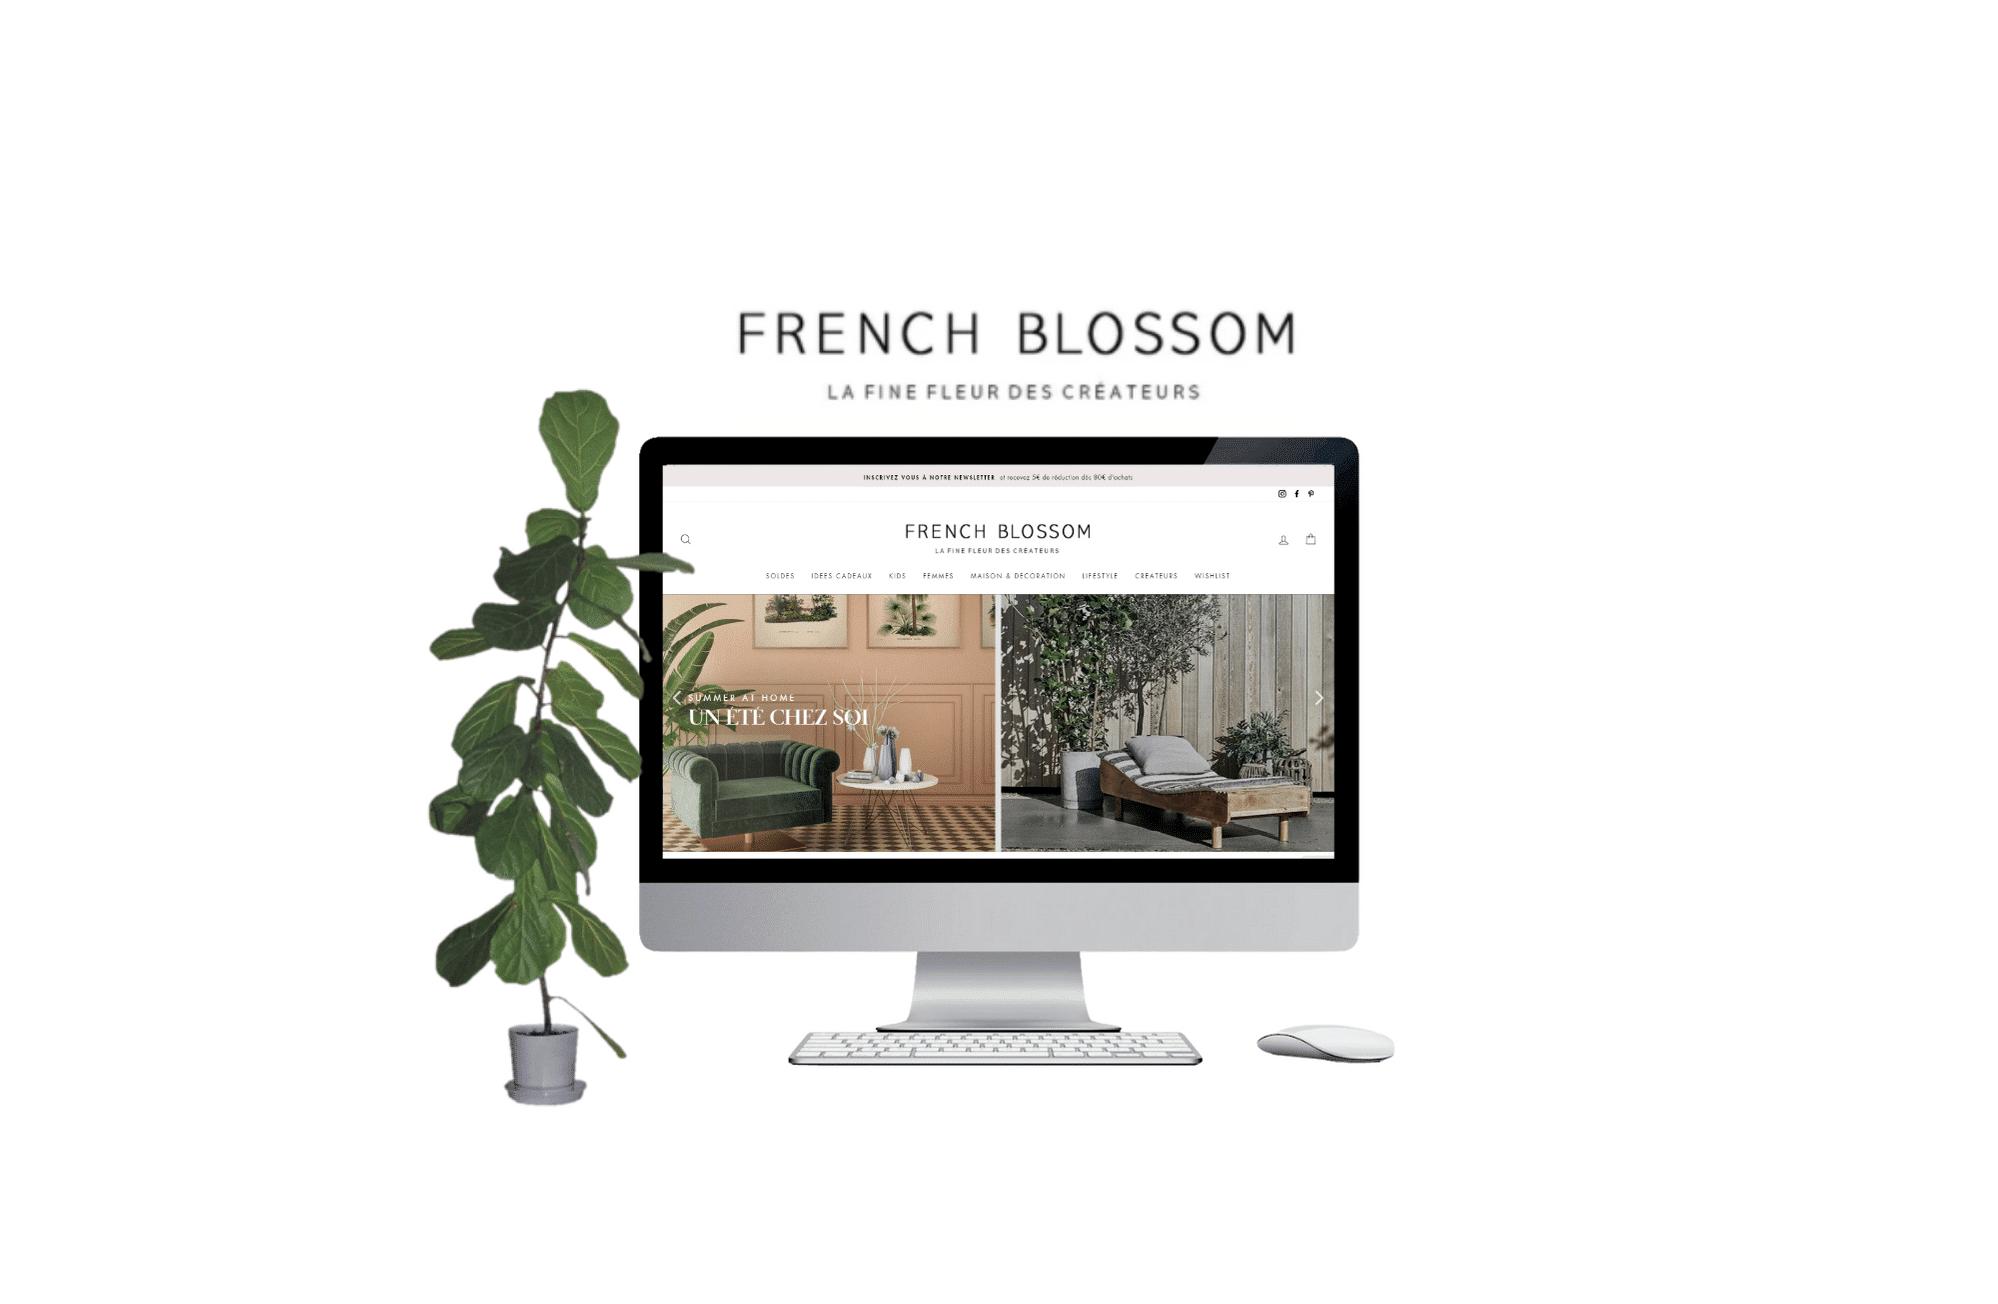 site e-commerce prestashop french blossom